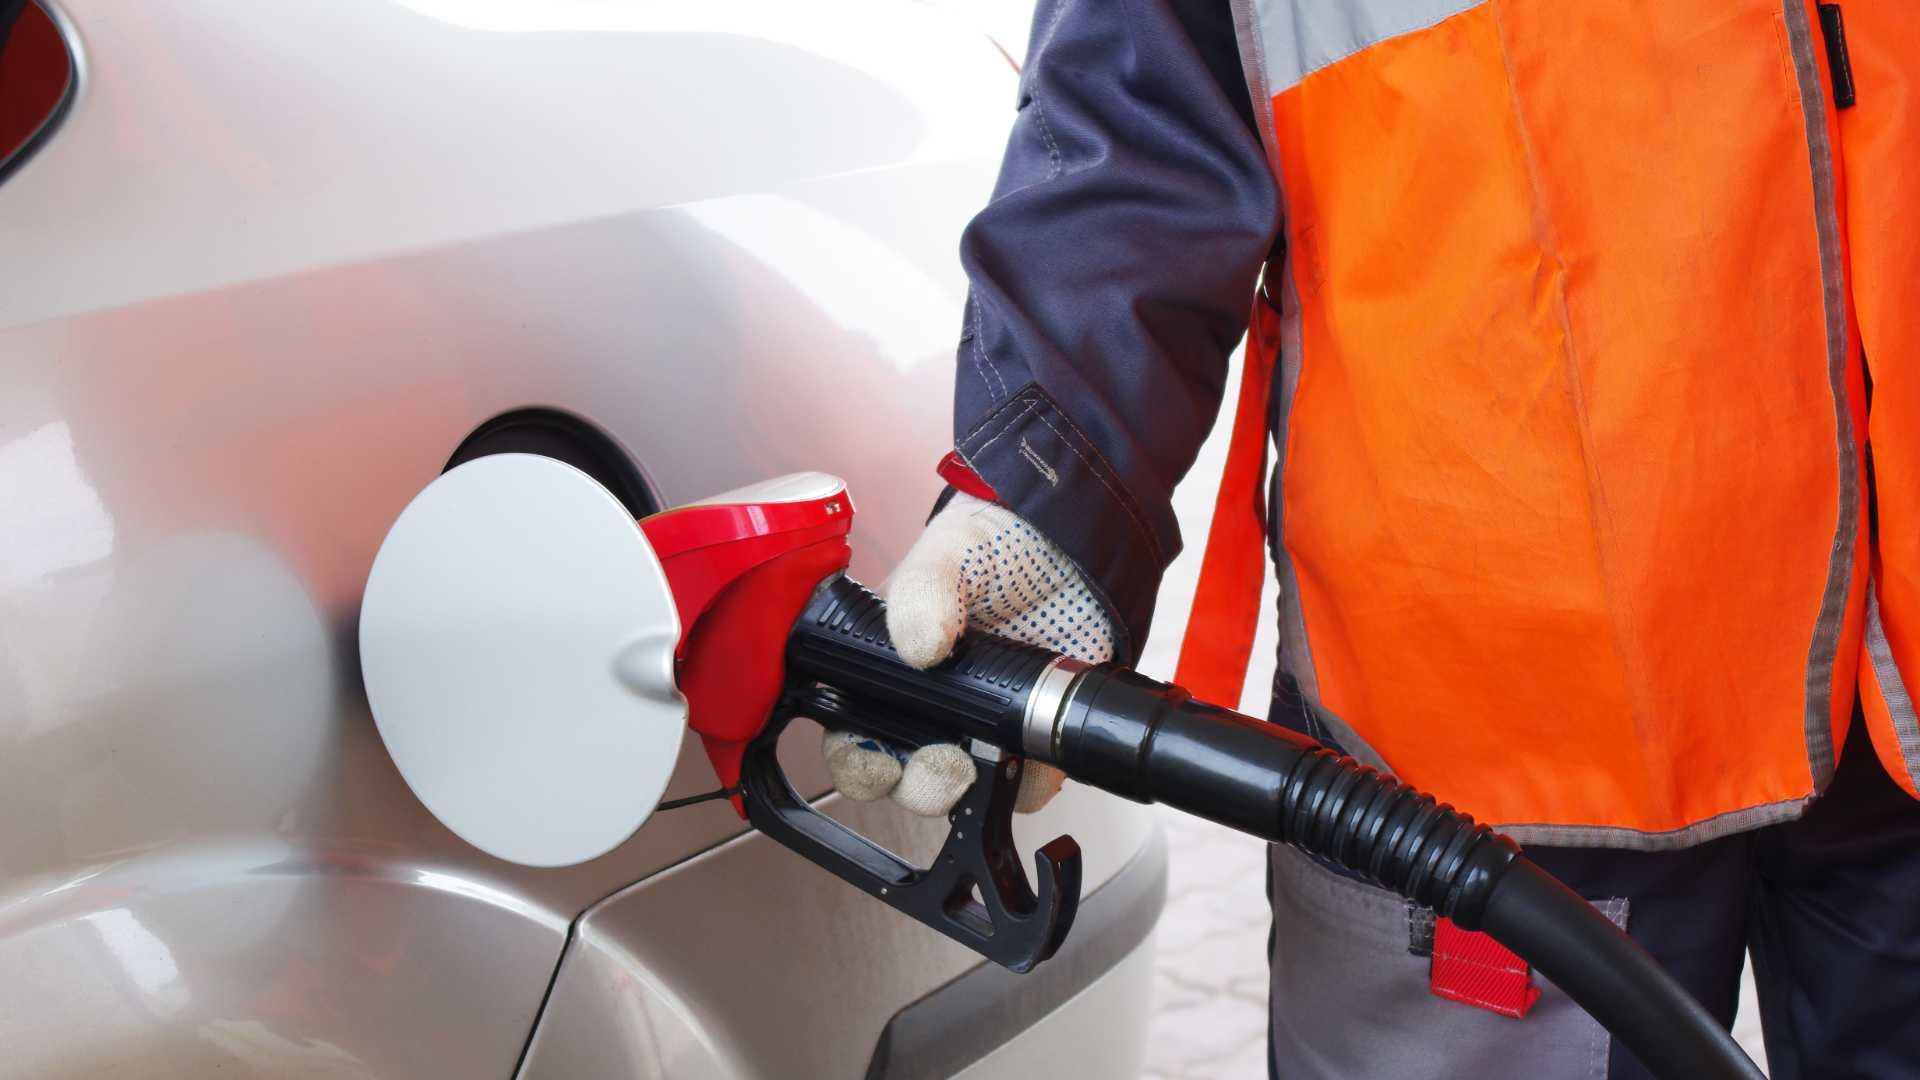 Normas e medidas de segurança em postos de combustível